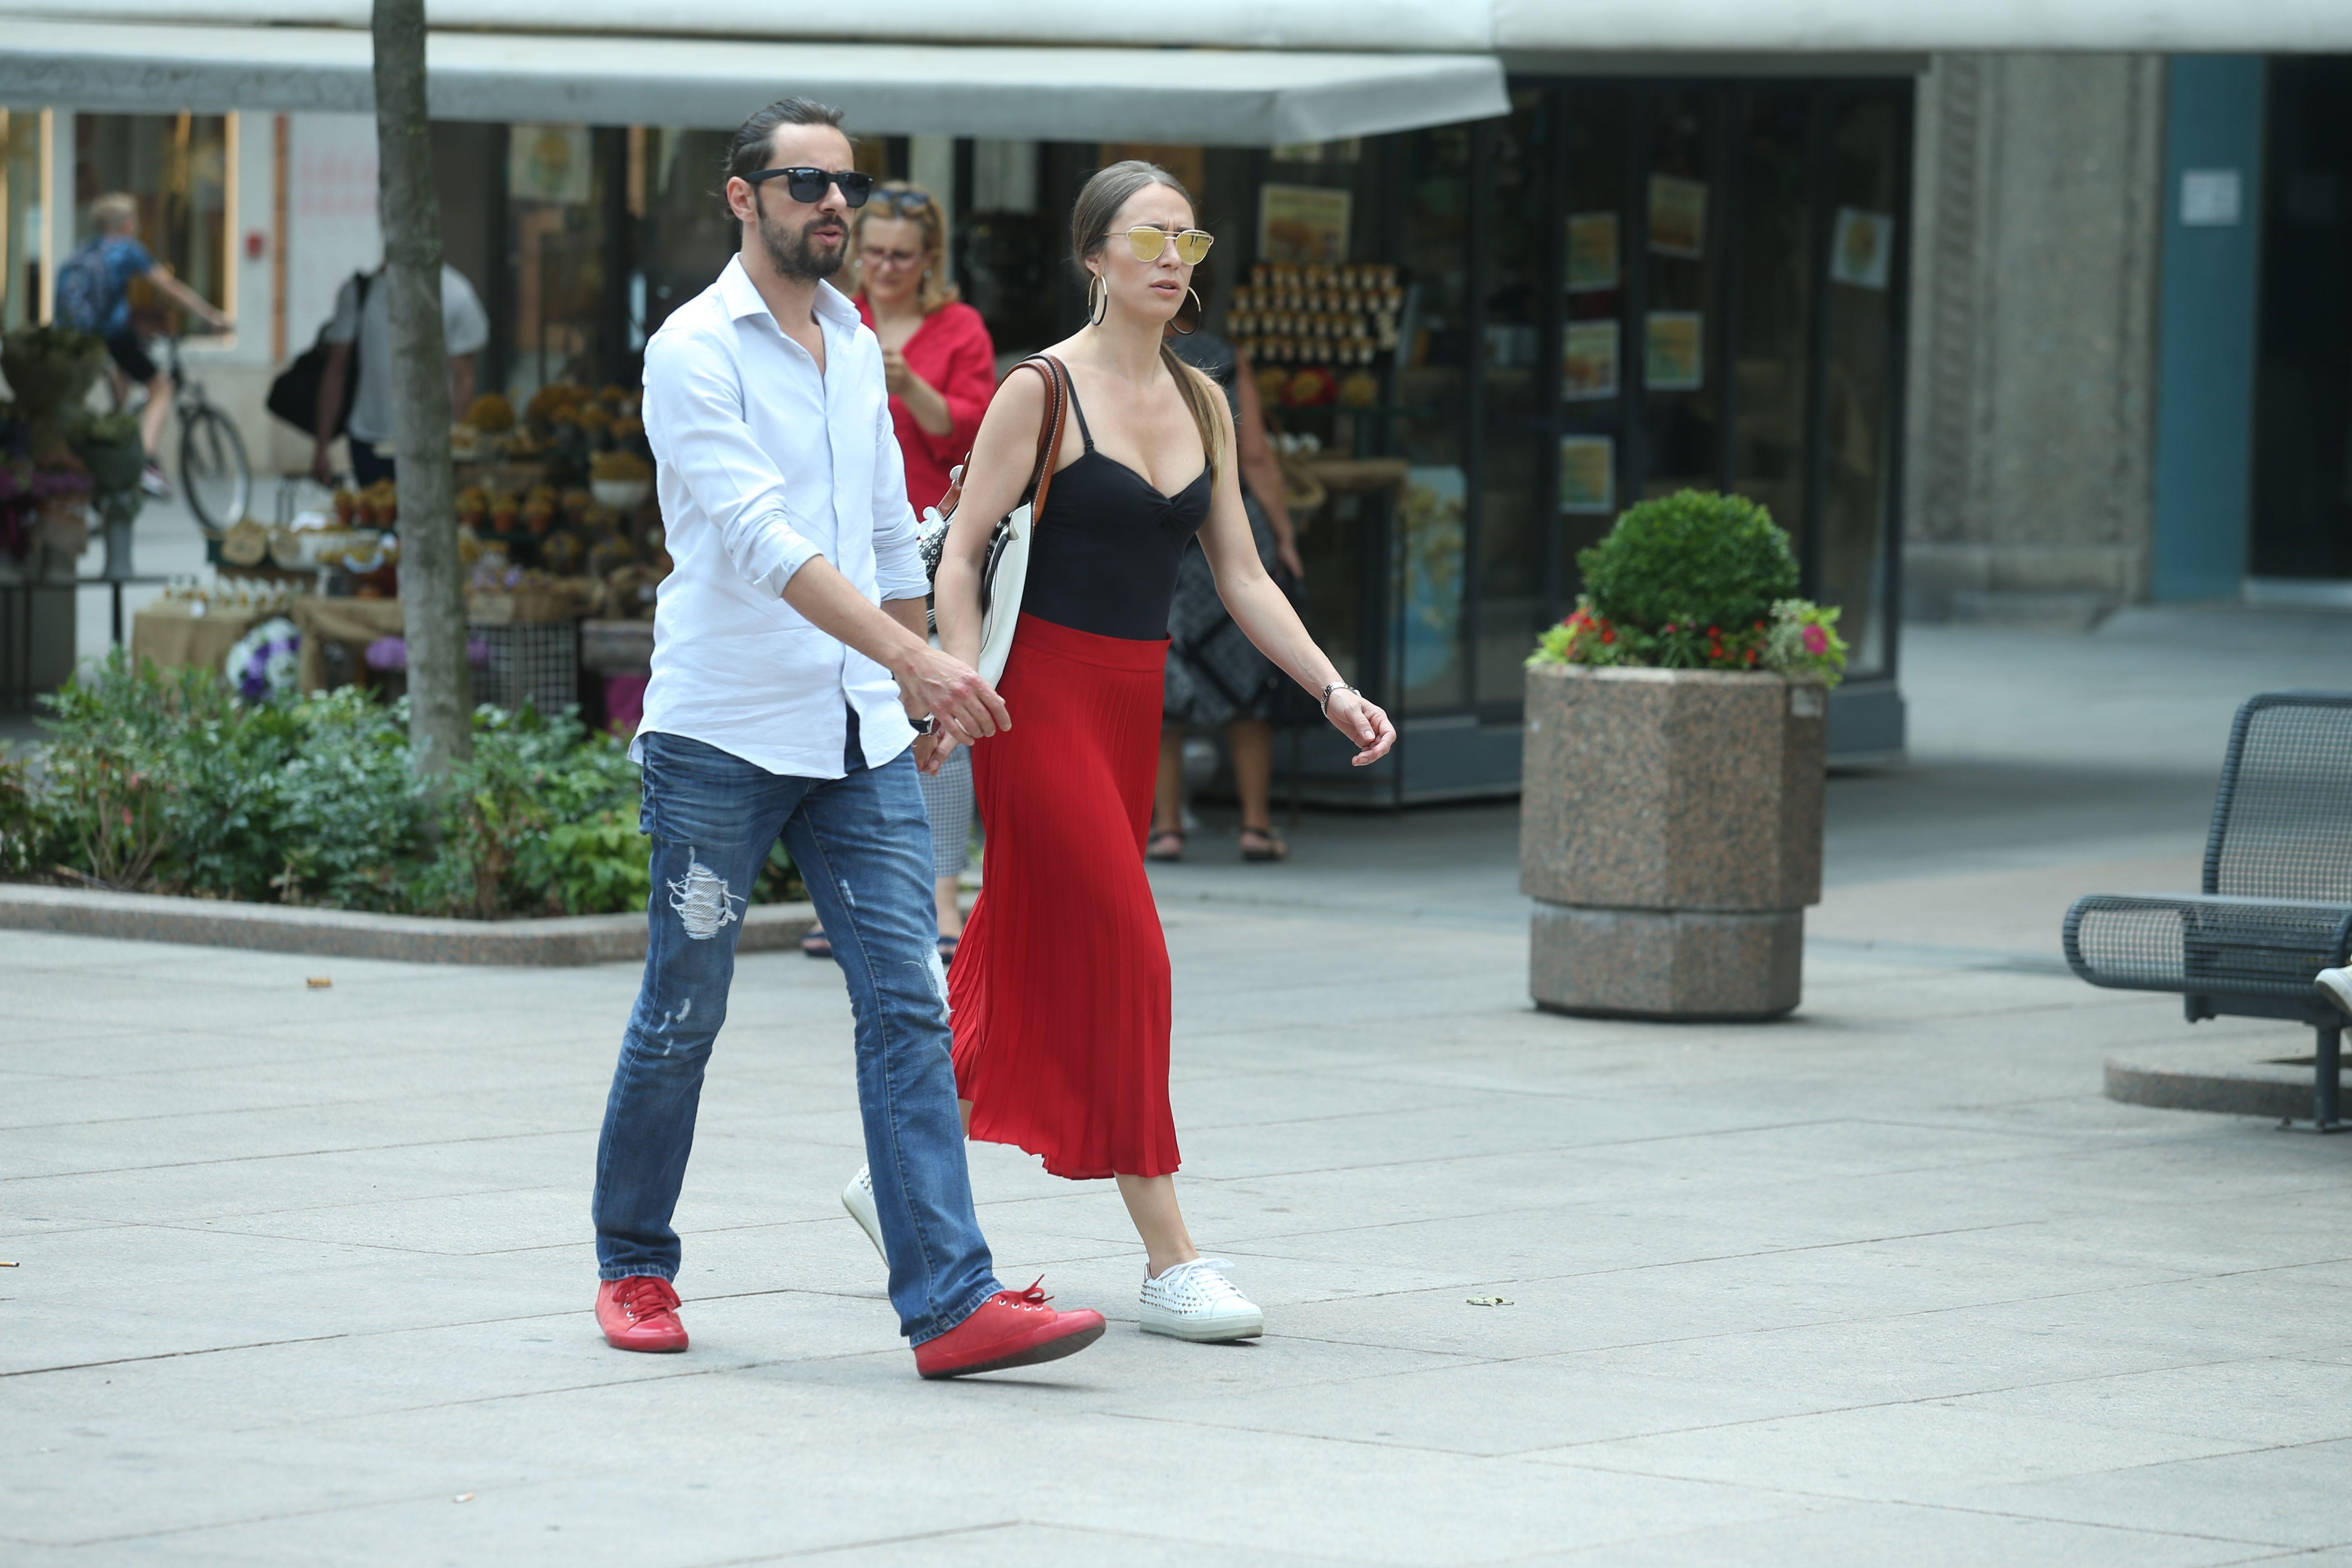 Kakav cool par: Njih dvoje su stylish i zgodni, a znaju da su crveni detalji must have